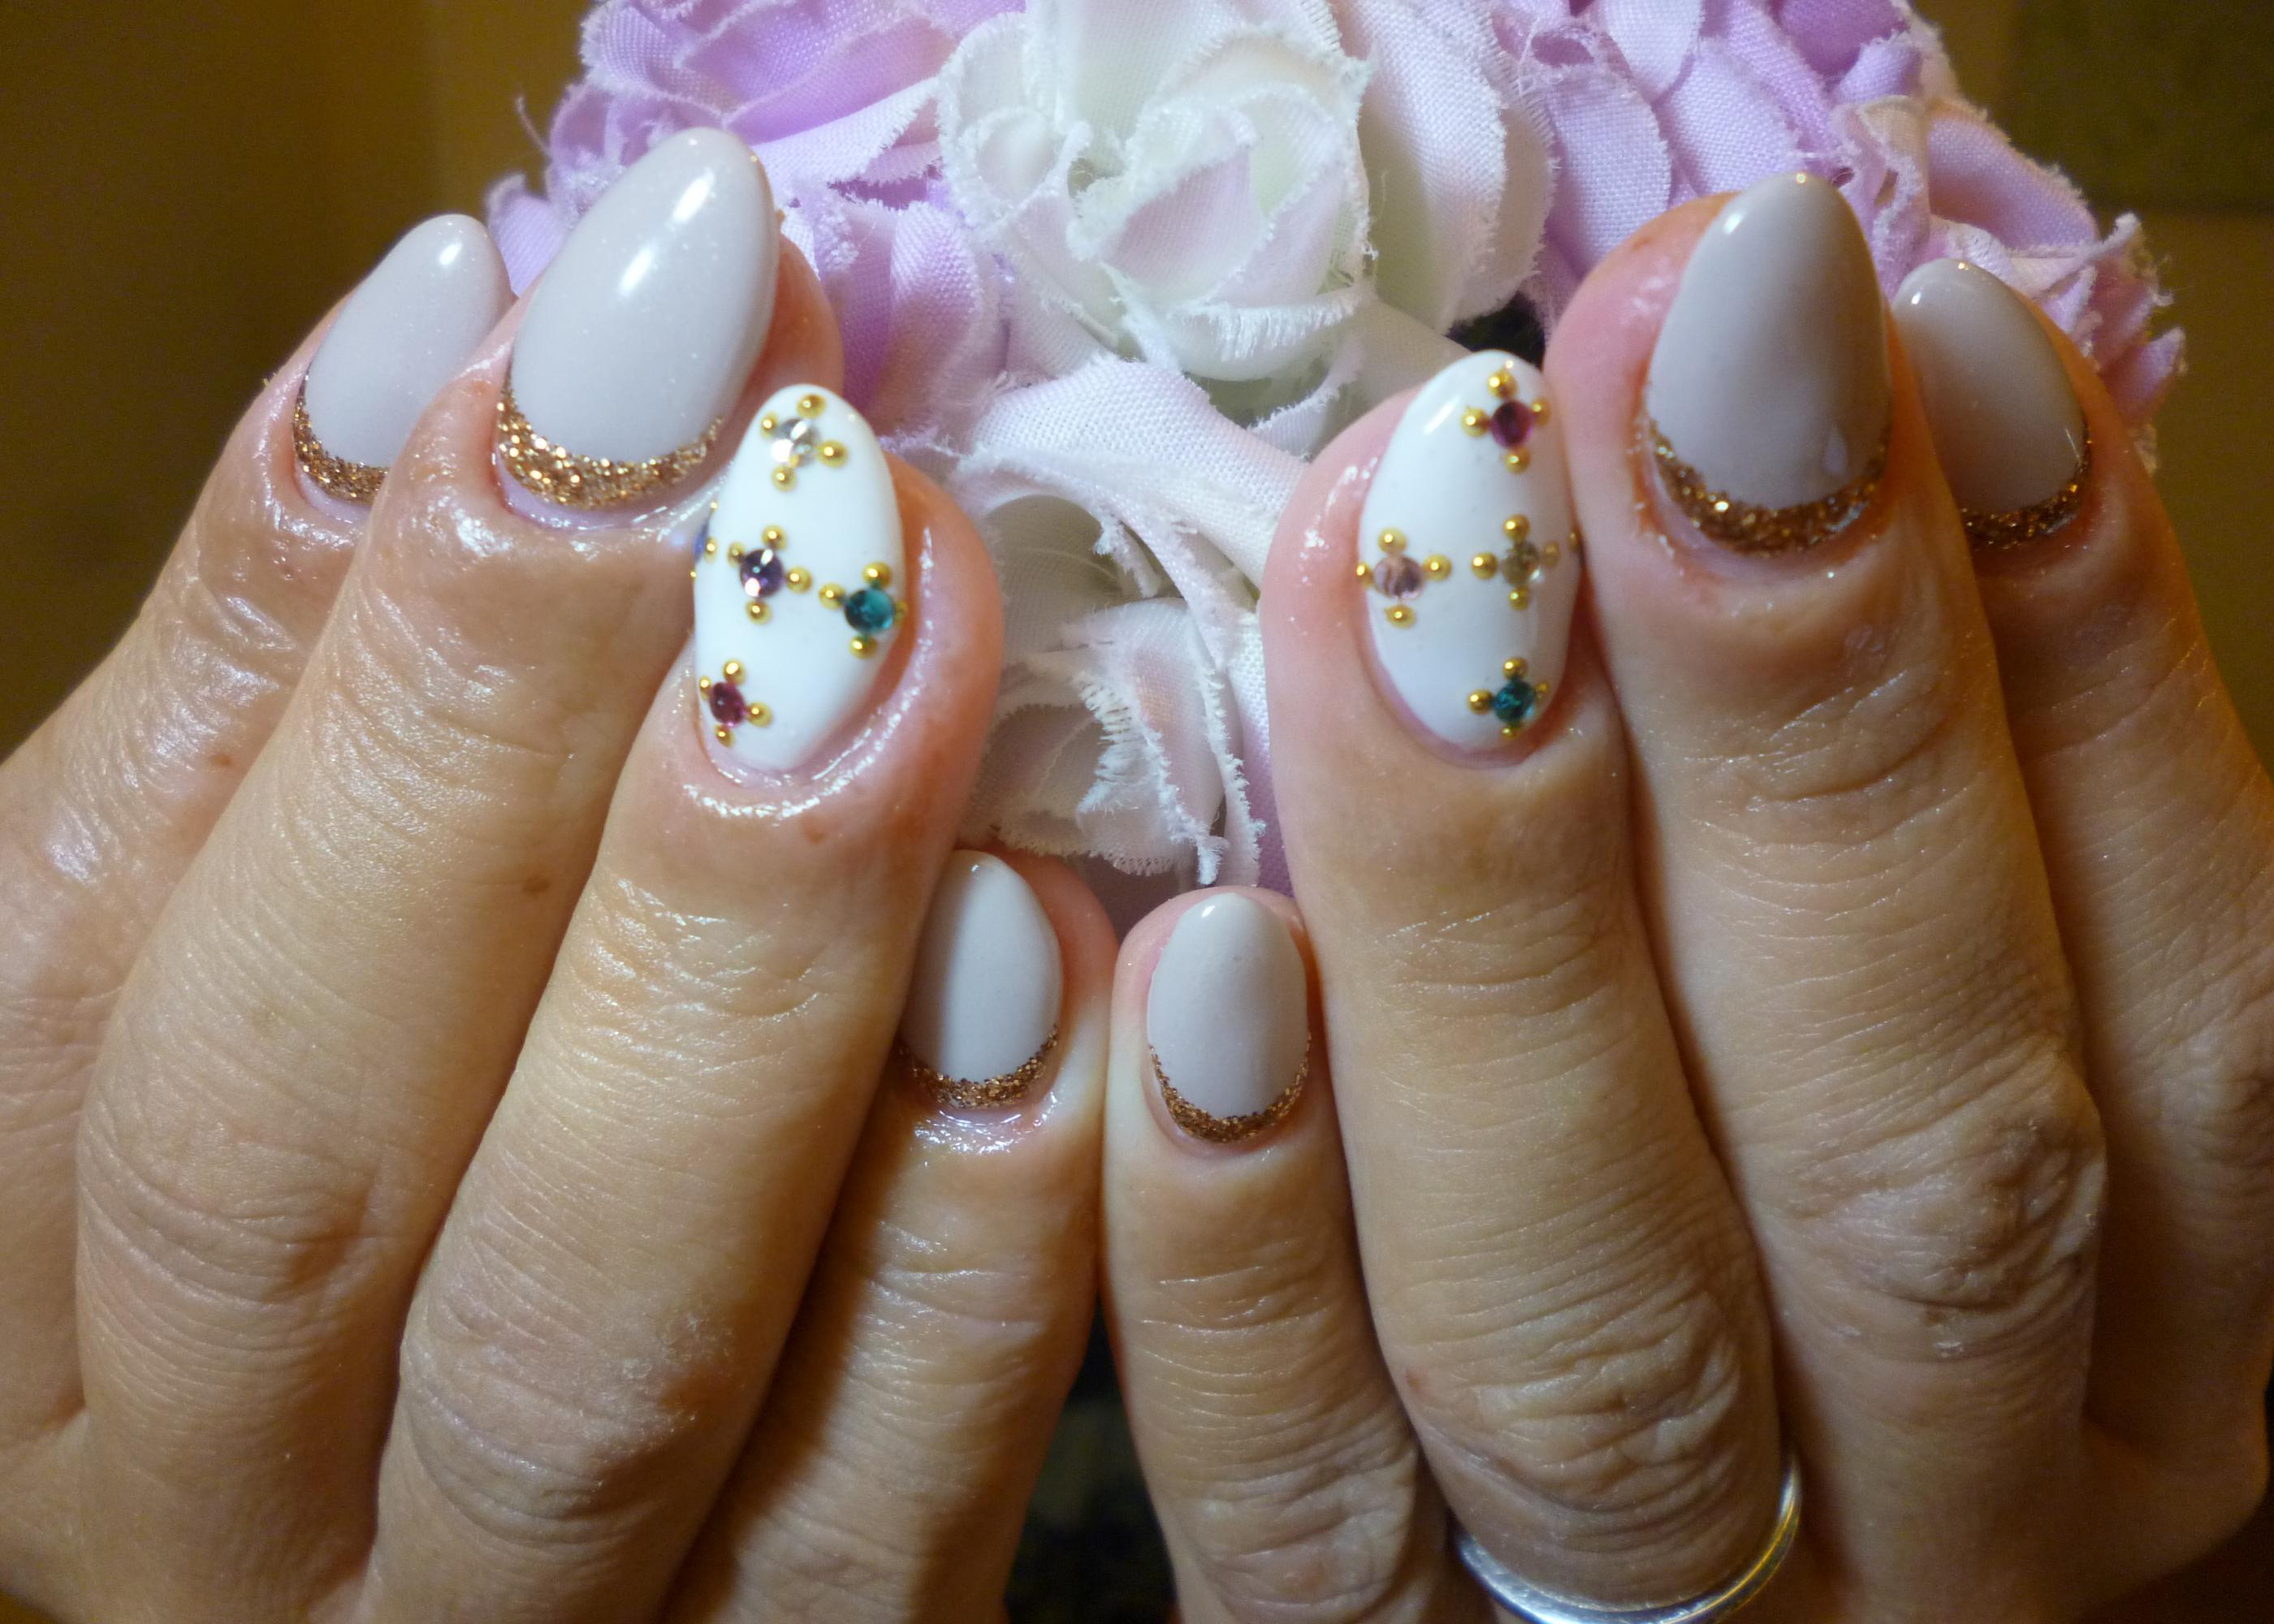 2014ネイルデザイン 白×グレージュワンカラーネイル 宝石ビジューアートネイル